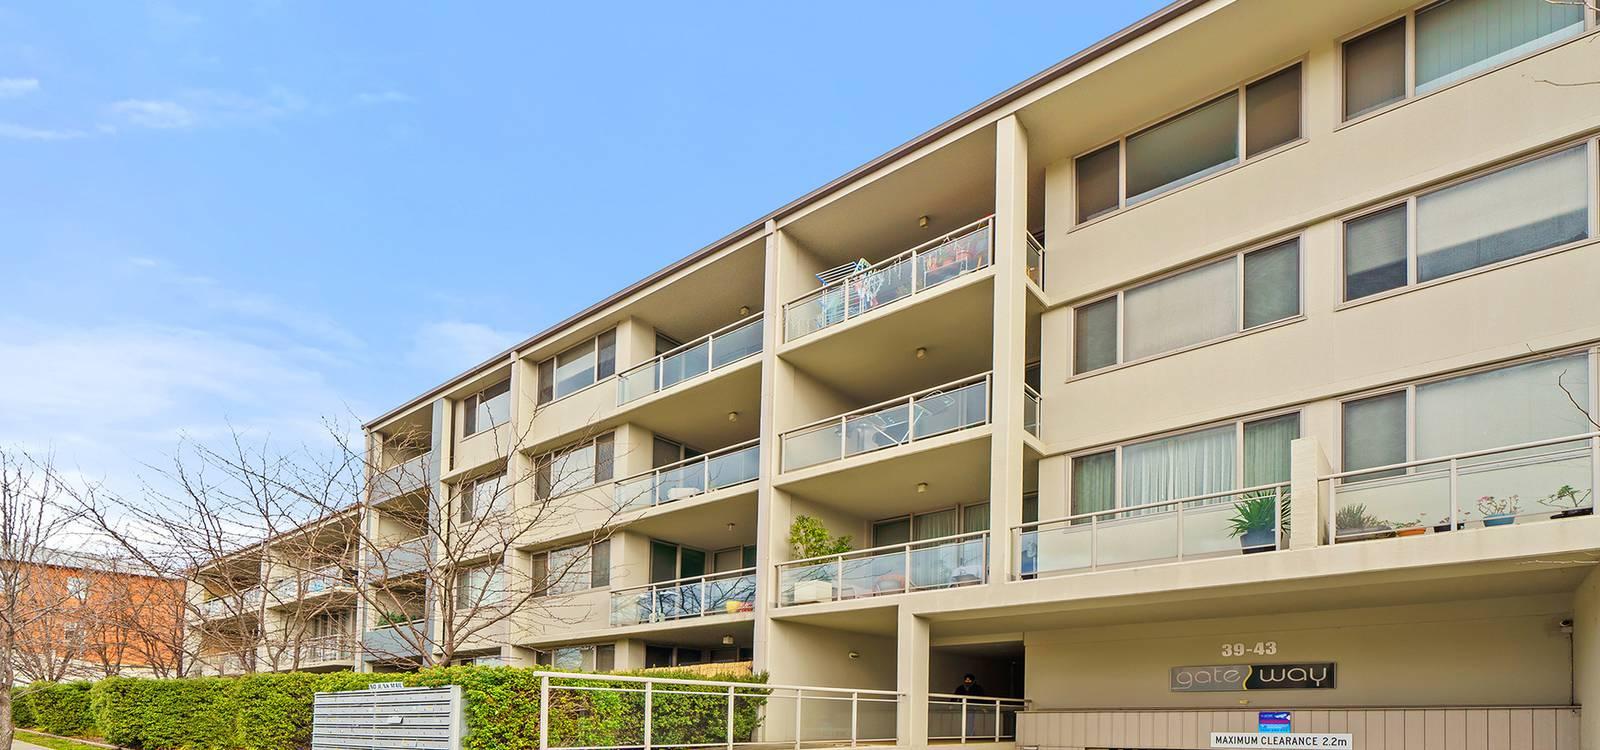 67/39 Crawford Street QUEANBEYAN, NSW 2620 - photo 1